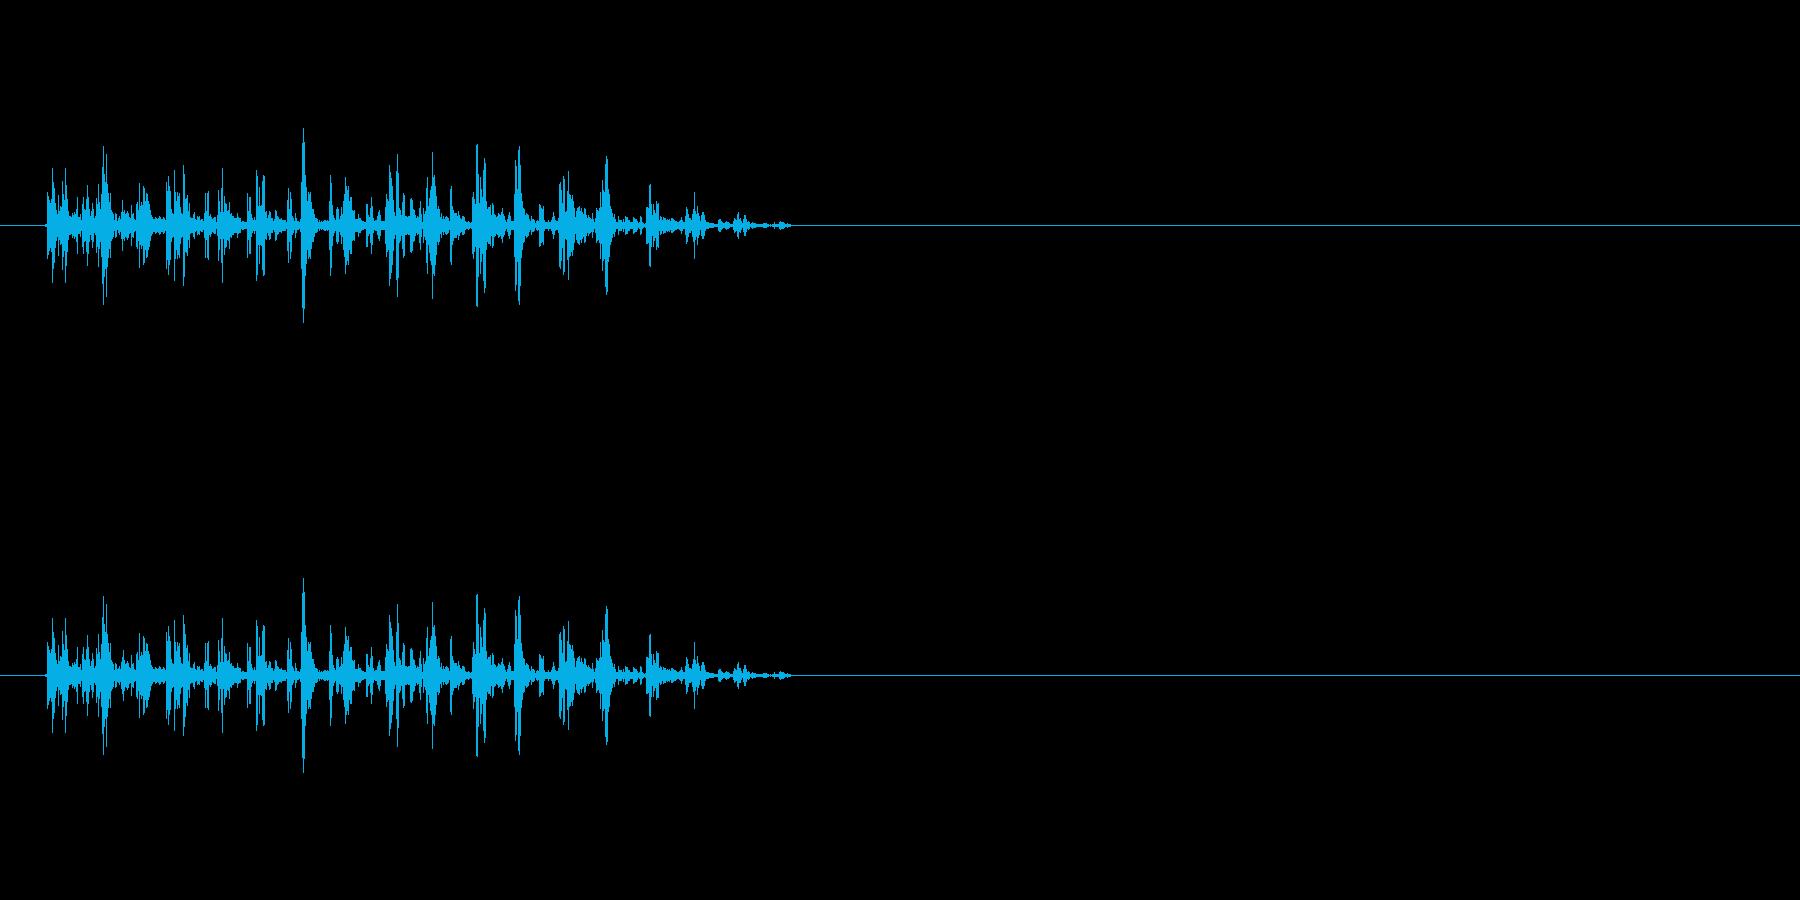 【バタバタバタバタ】鳥や虫が飛ぶ・騒ぐ音の再生済みの波形